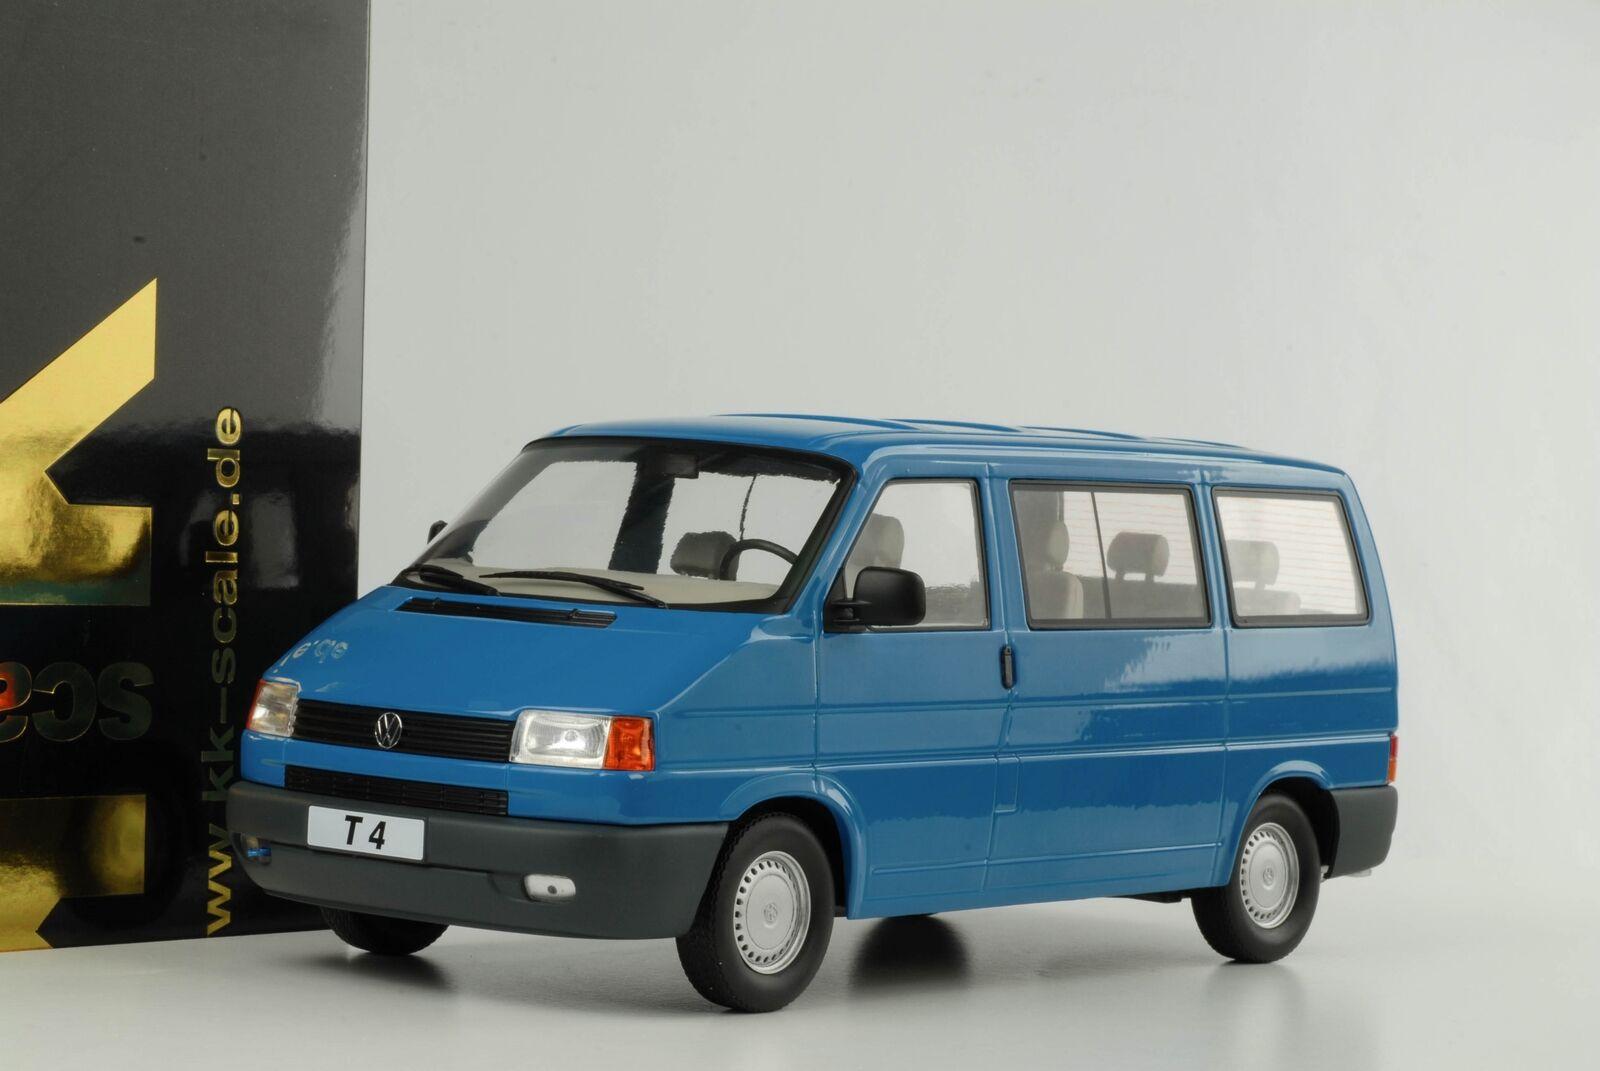 T4 vw VOLKSWAGEN BUS Caravelle 1992 Turquoise MODELE 1 18 KK NEUF